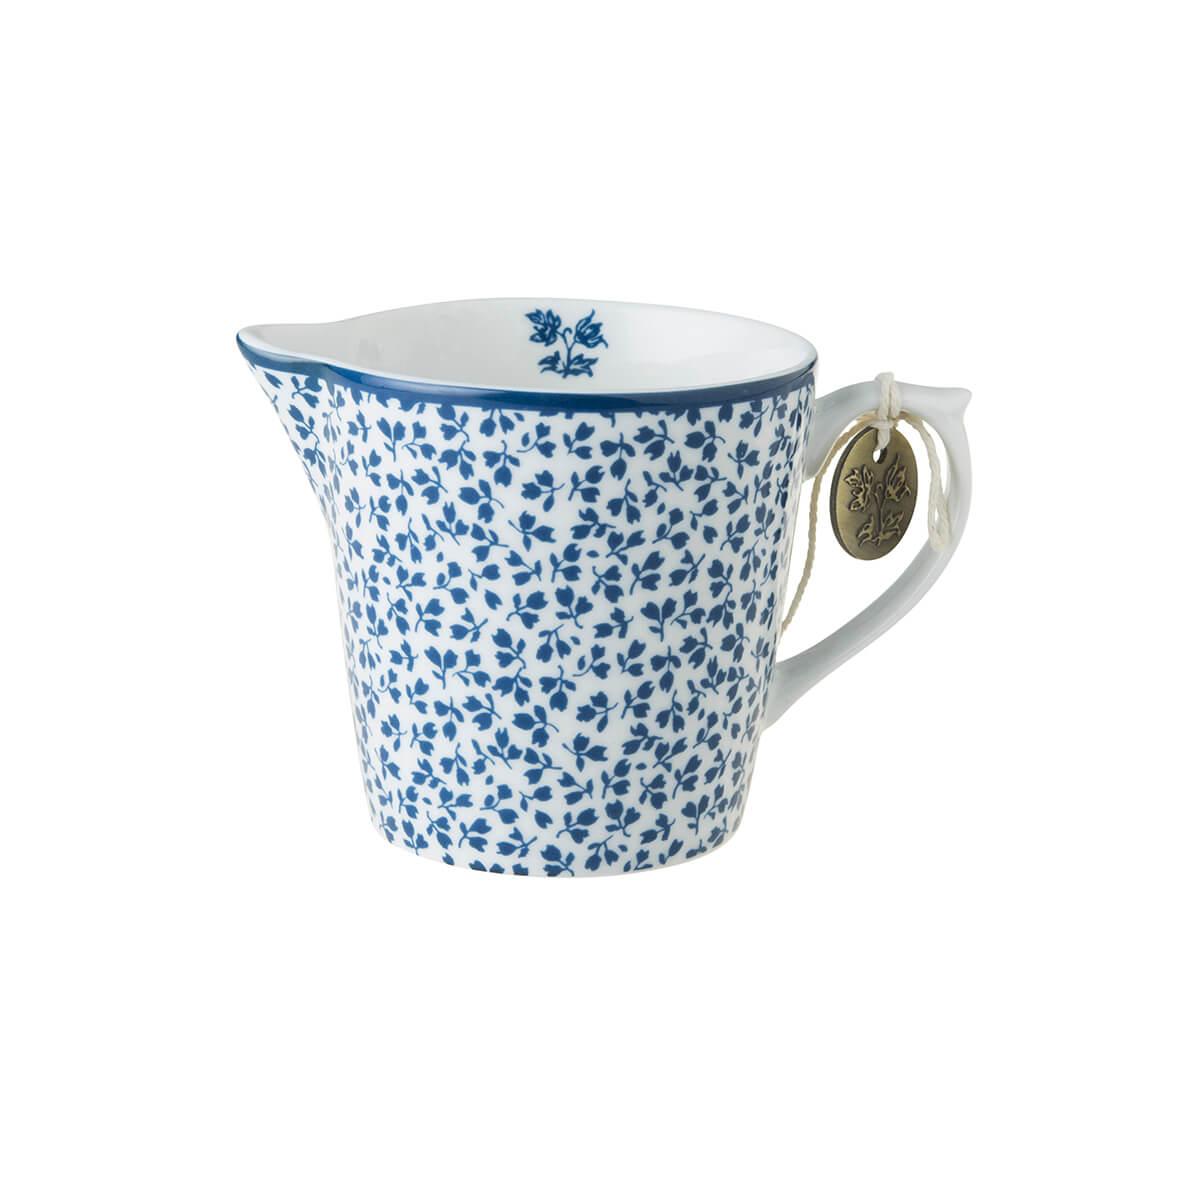 Онлайн каталог PROMENU: Молочник фарфоровый Laura Ashley BLUEPRINT, высота 8 см, белый в синий мелкий цветок                               178681